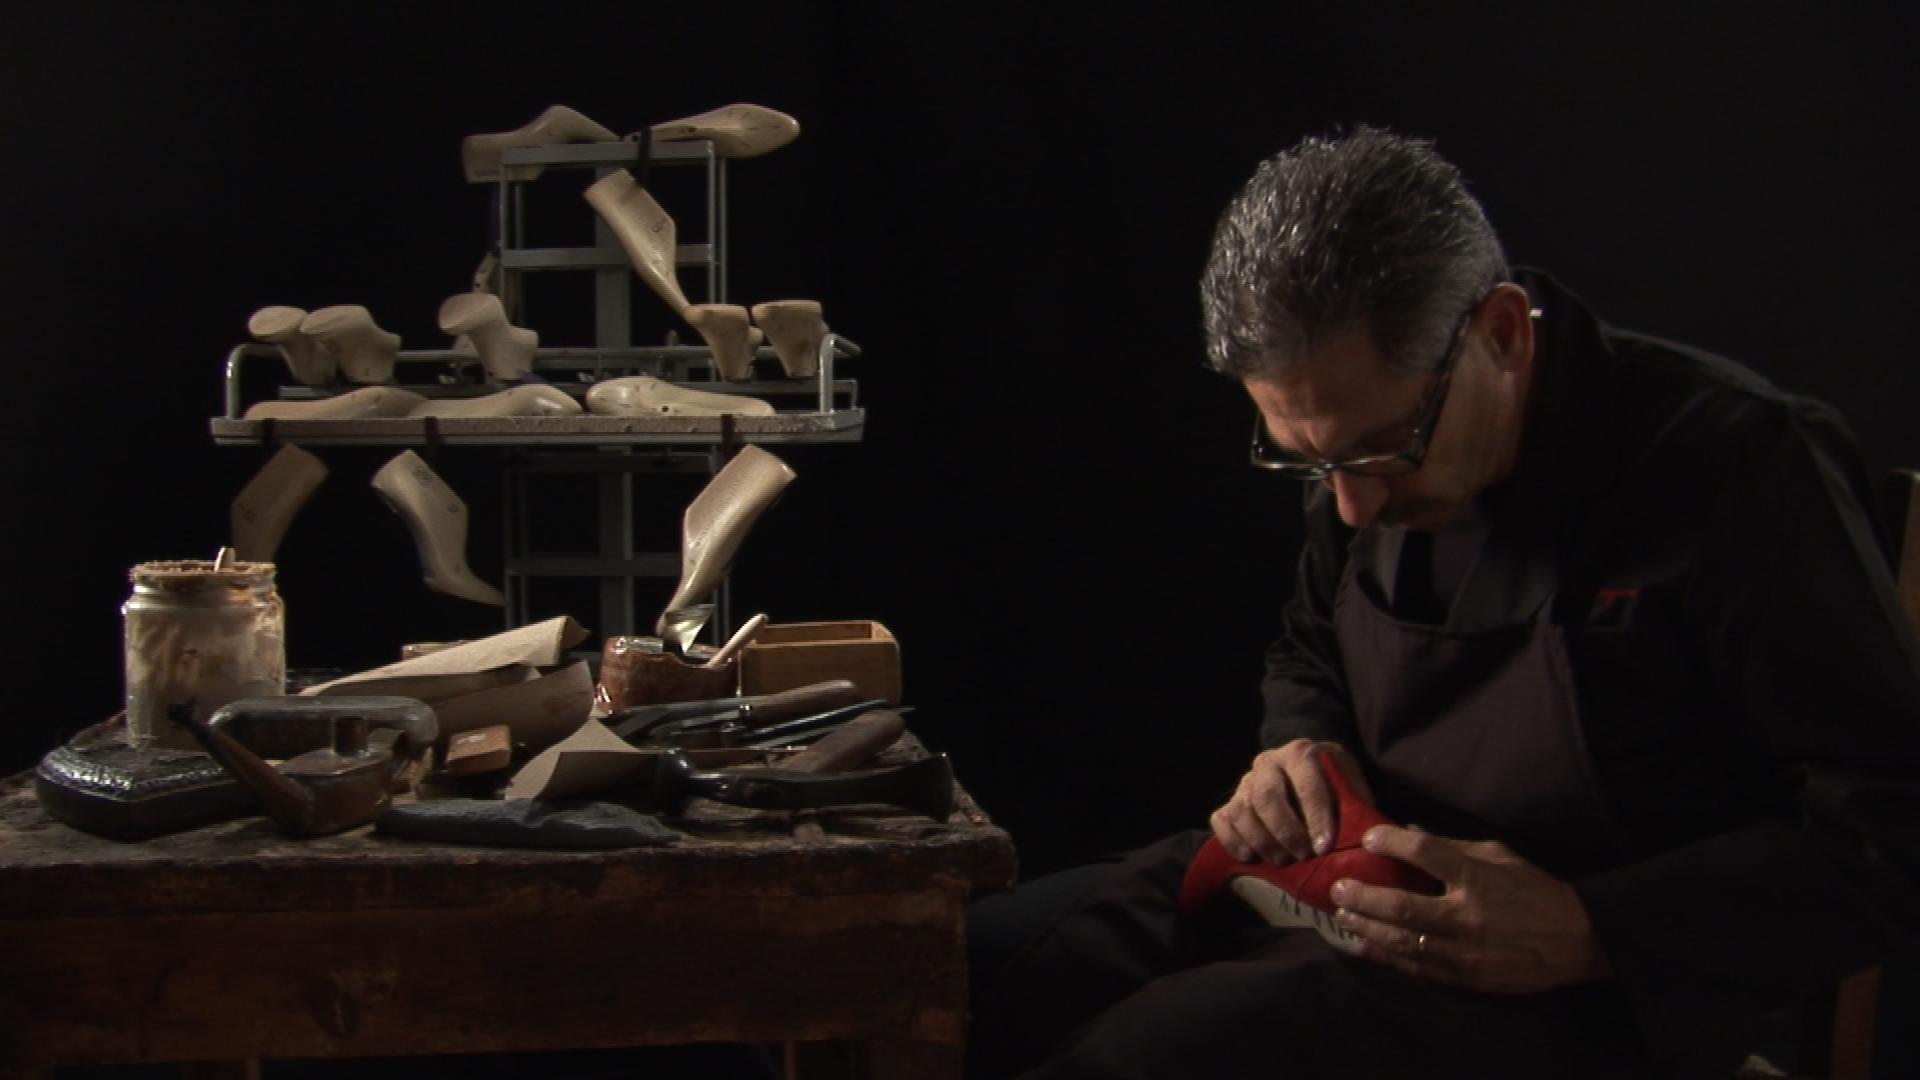 Salvatore Ferragamo The Art of Shoemaking Showcase Lipstiqcom 1920x1080